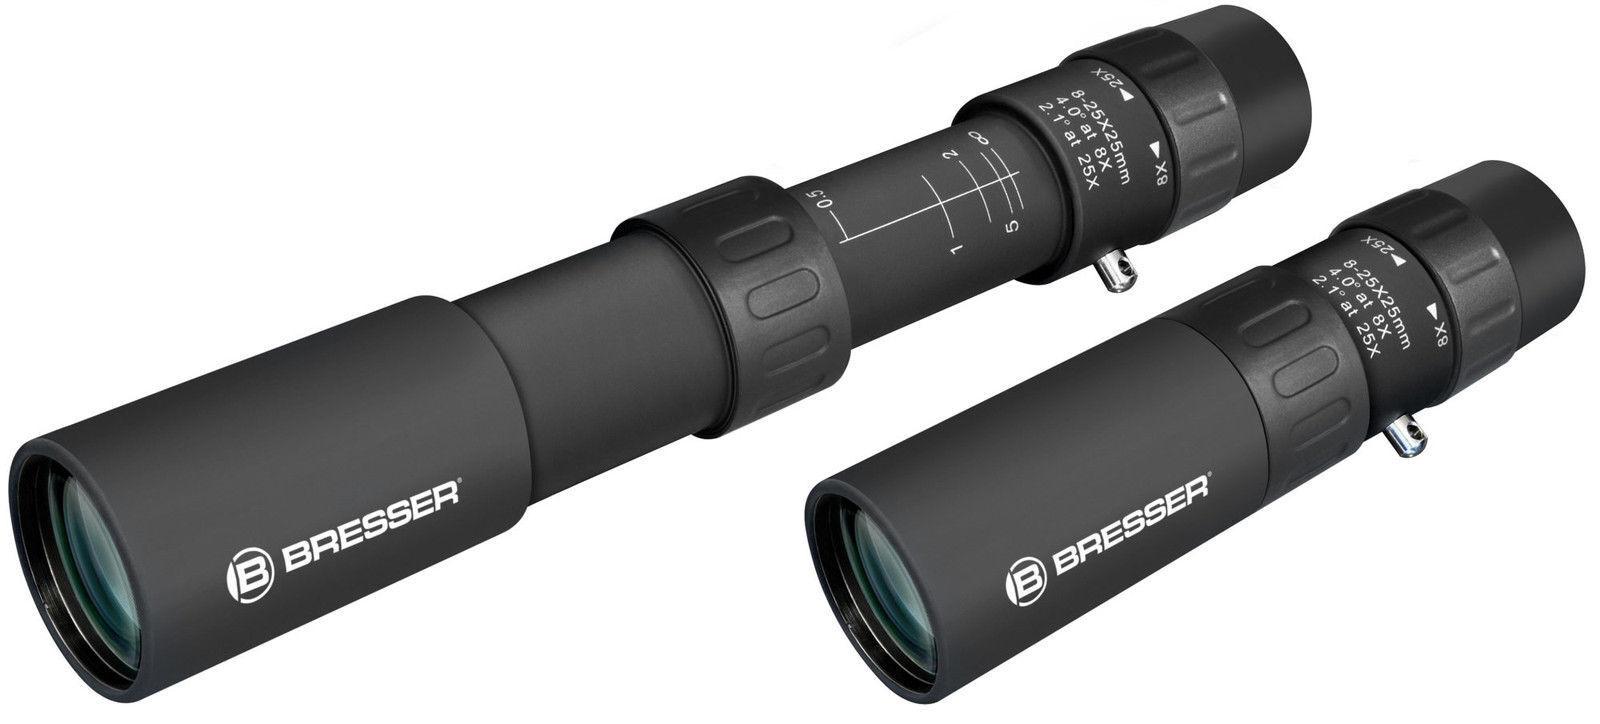 BRESSER Zoomar 8-25x25 Zoom-Monokular Spektiv Fernglas  extrem scharf und führig